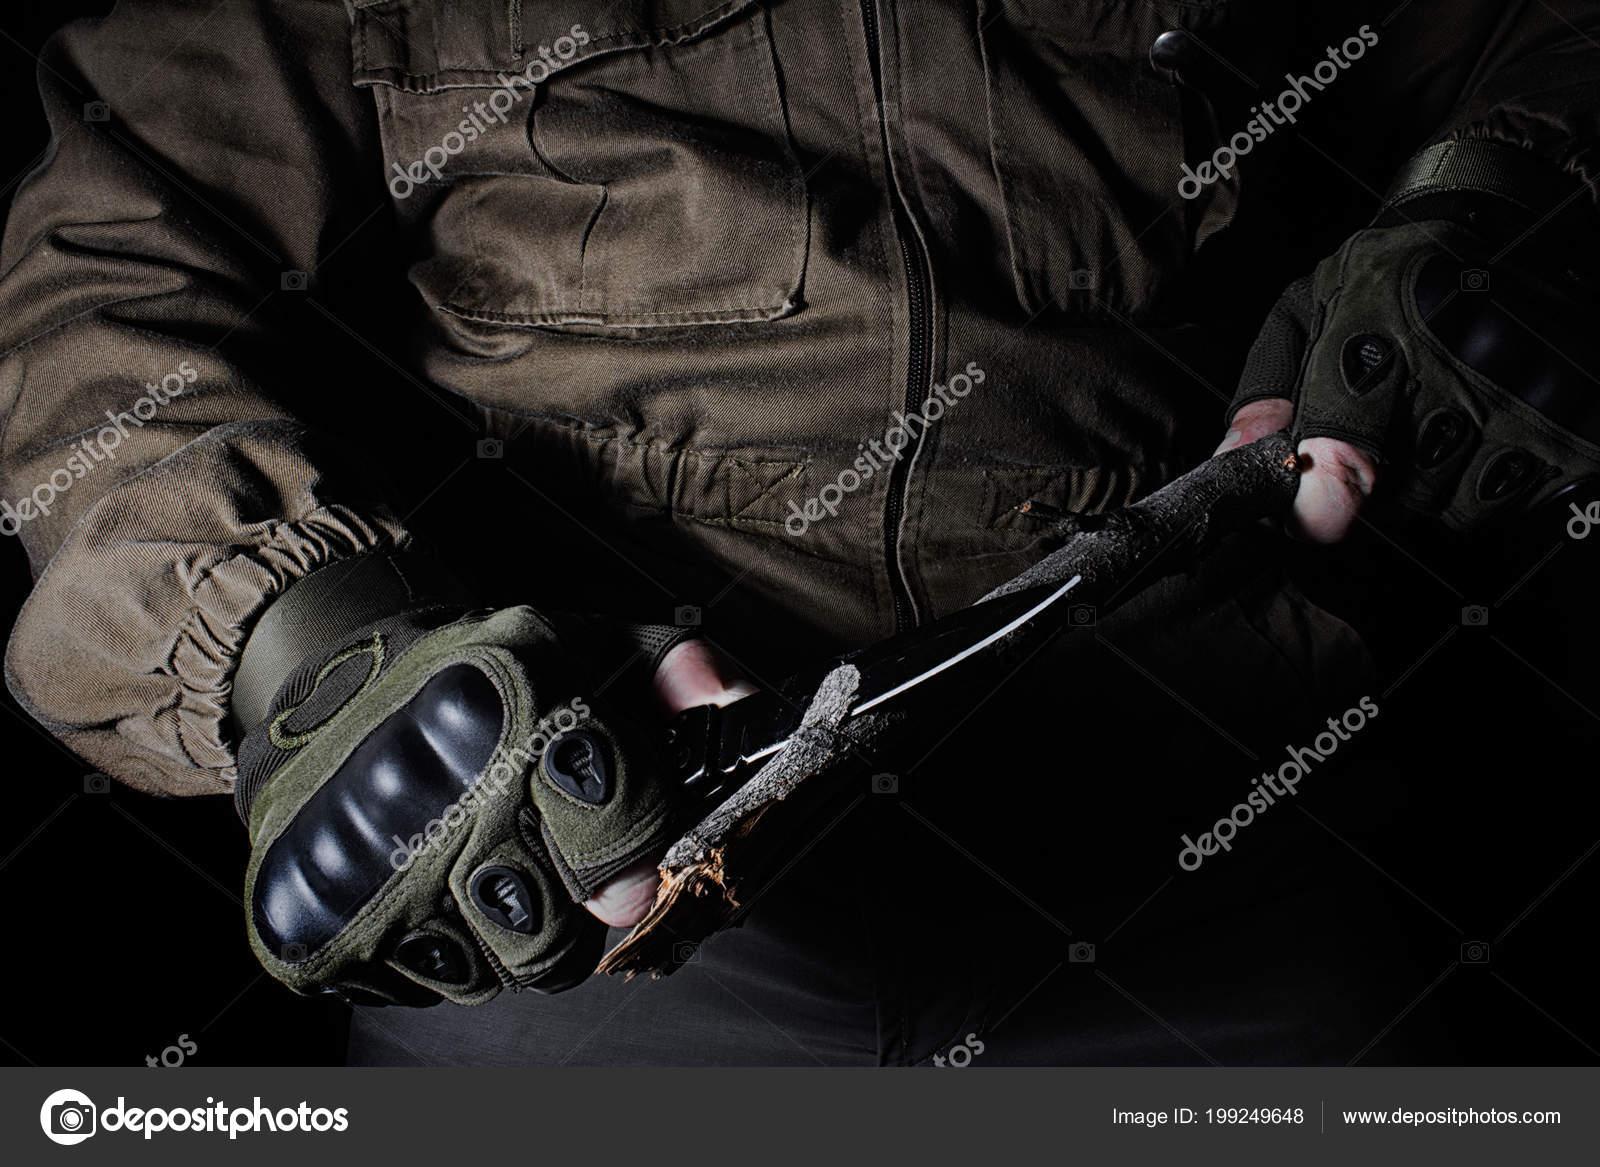 71998c1ec3ae Egy Férfi Akit Barna Taktikai Felszerelés Kabát Használja Kést Hogy– stock  kép